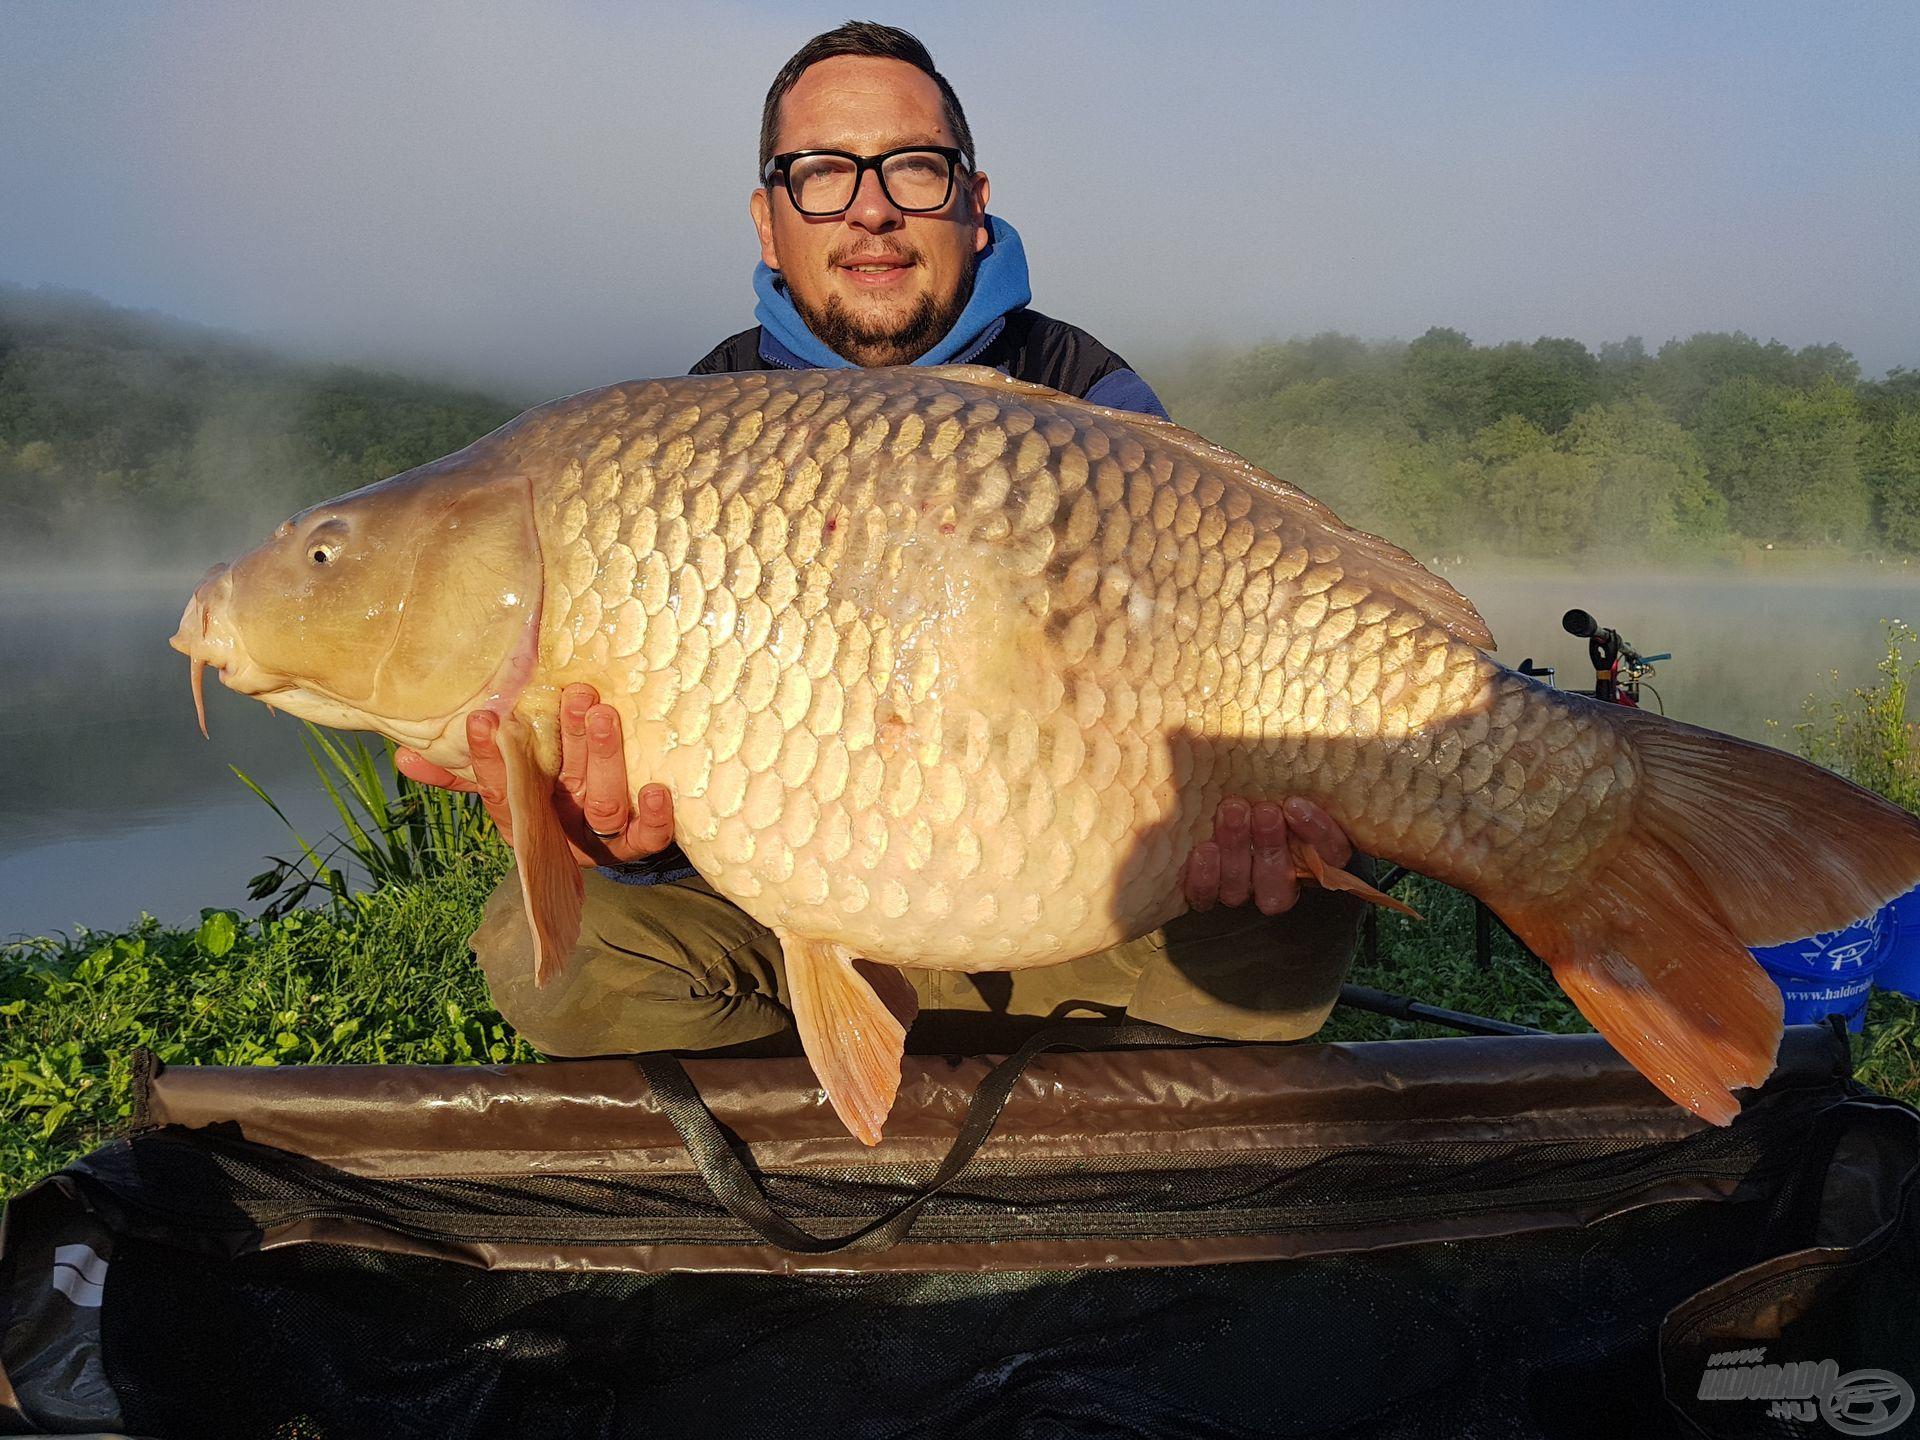 Újabb rekordot megdöntő hal, 21 kg